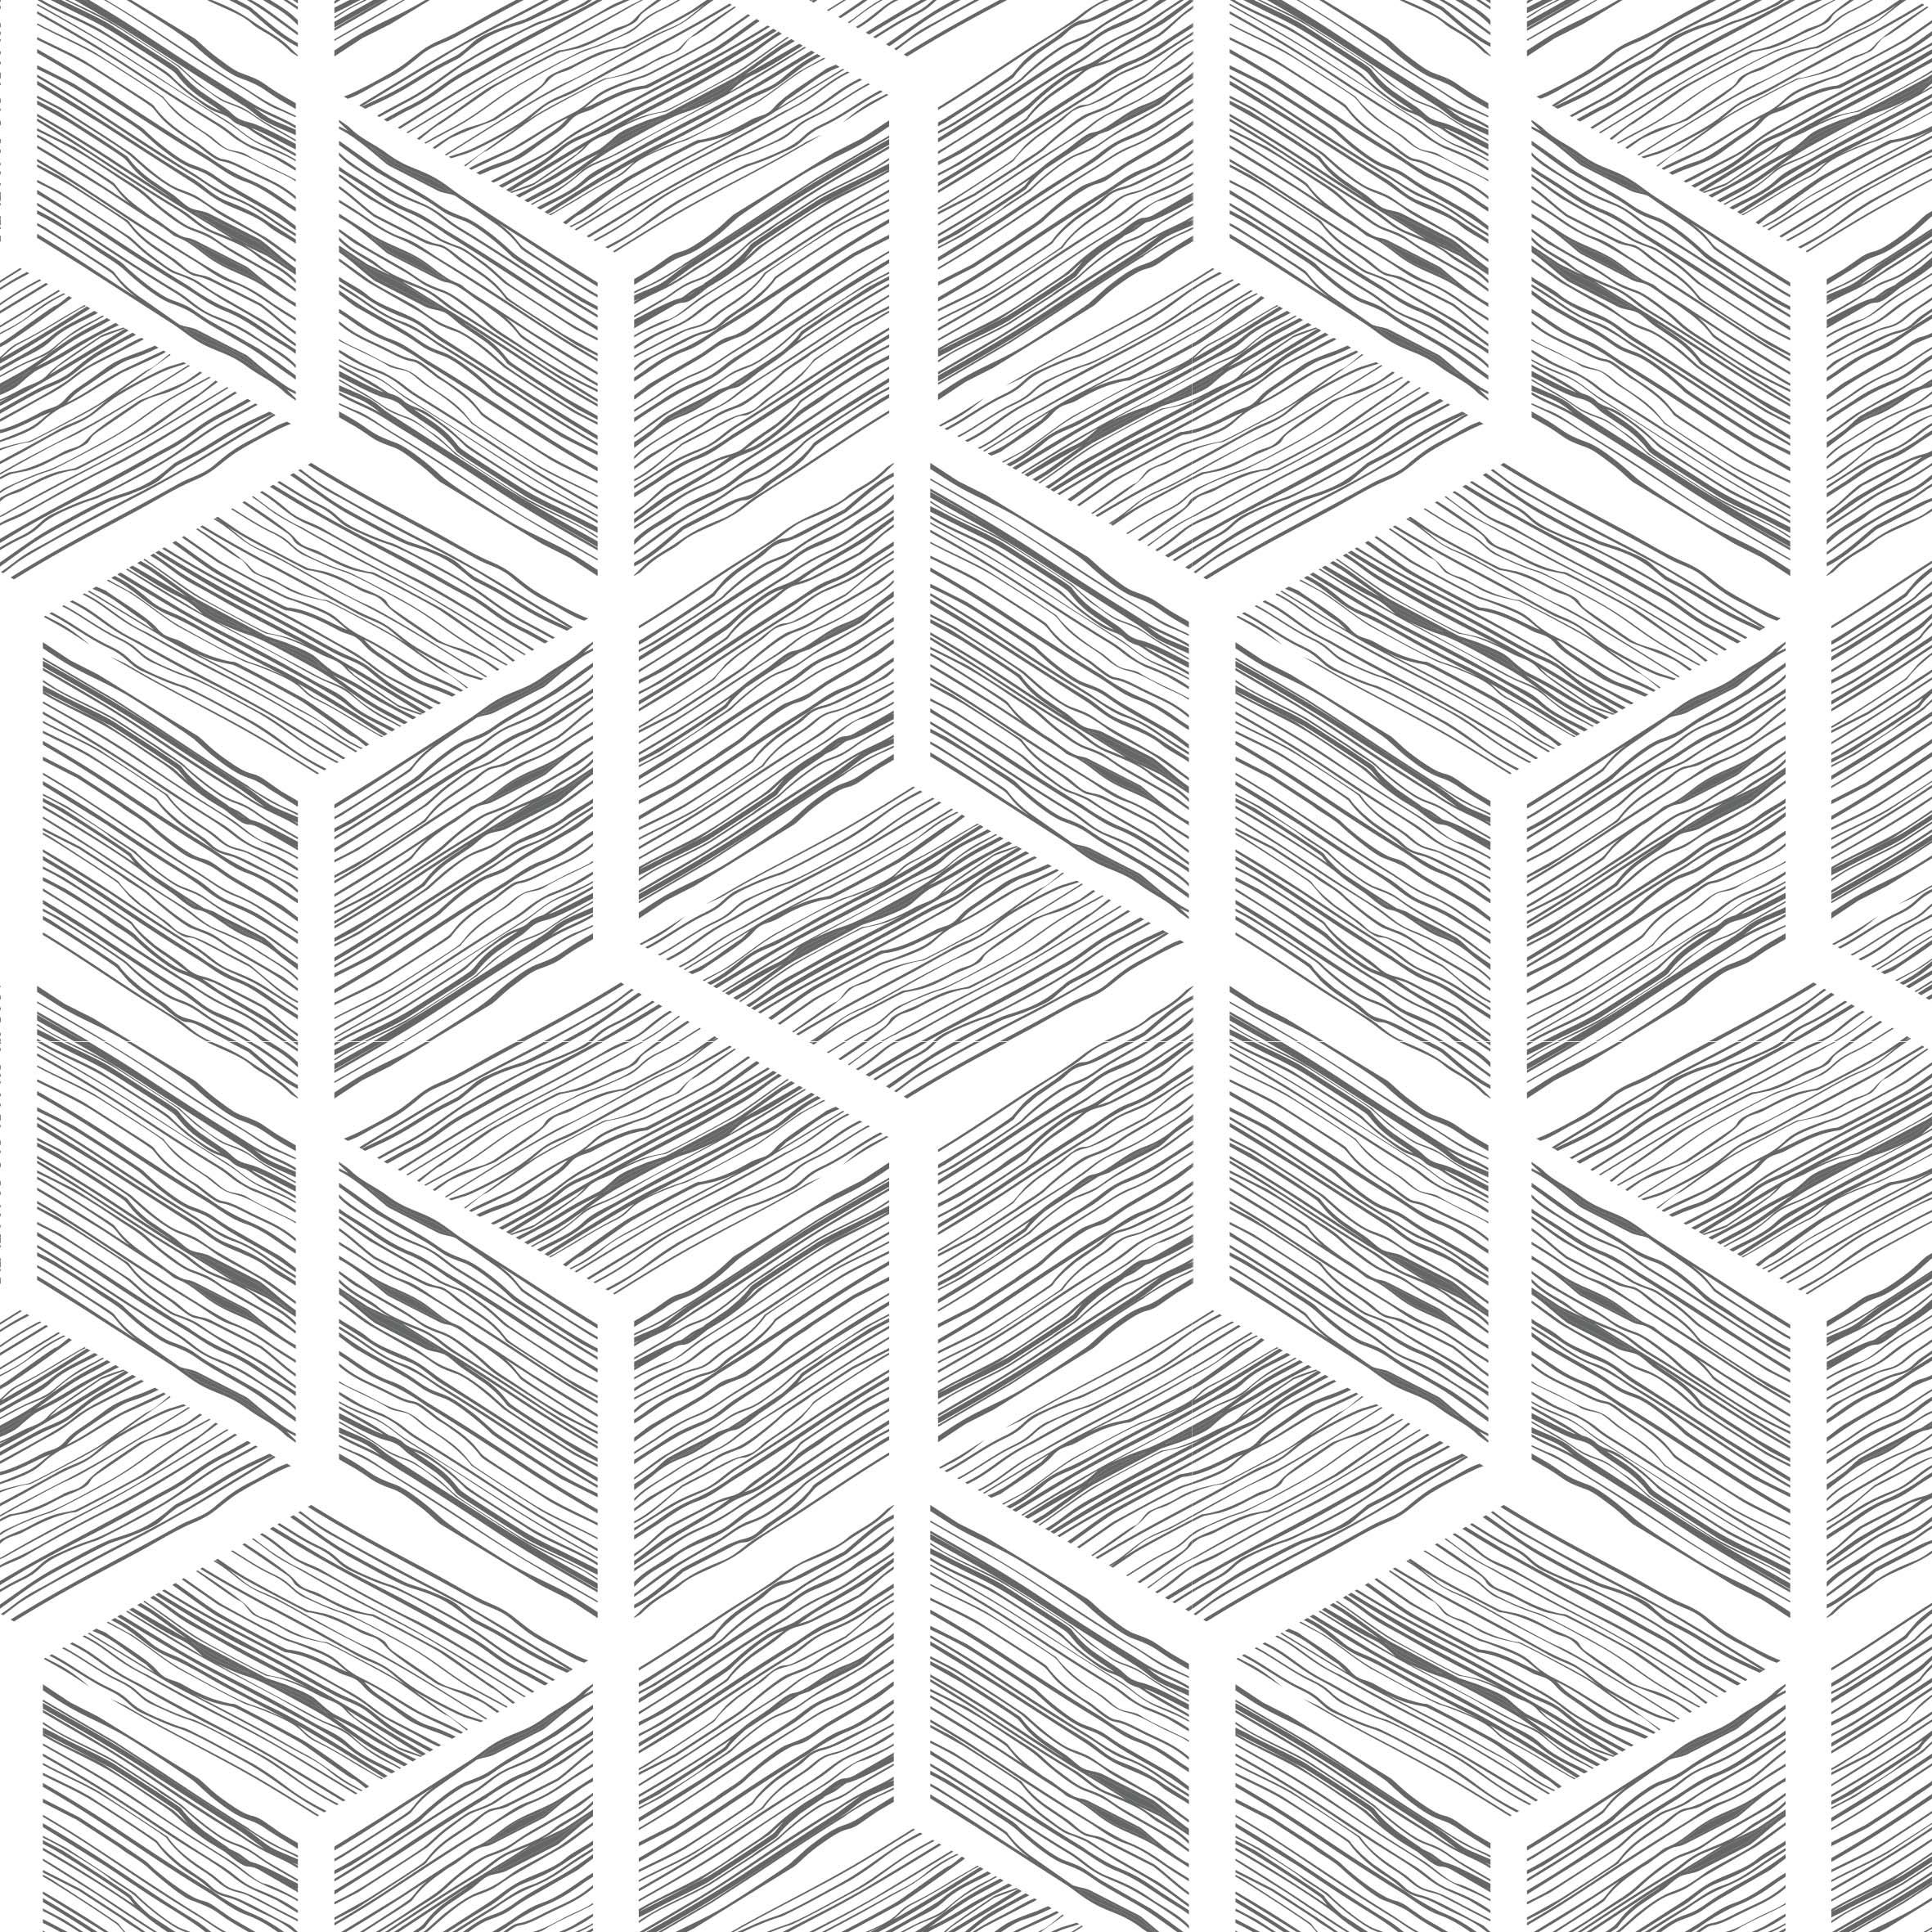 11-Origami stripes